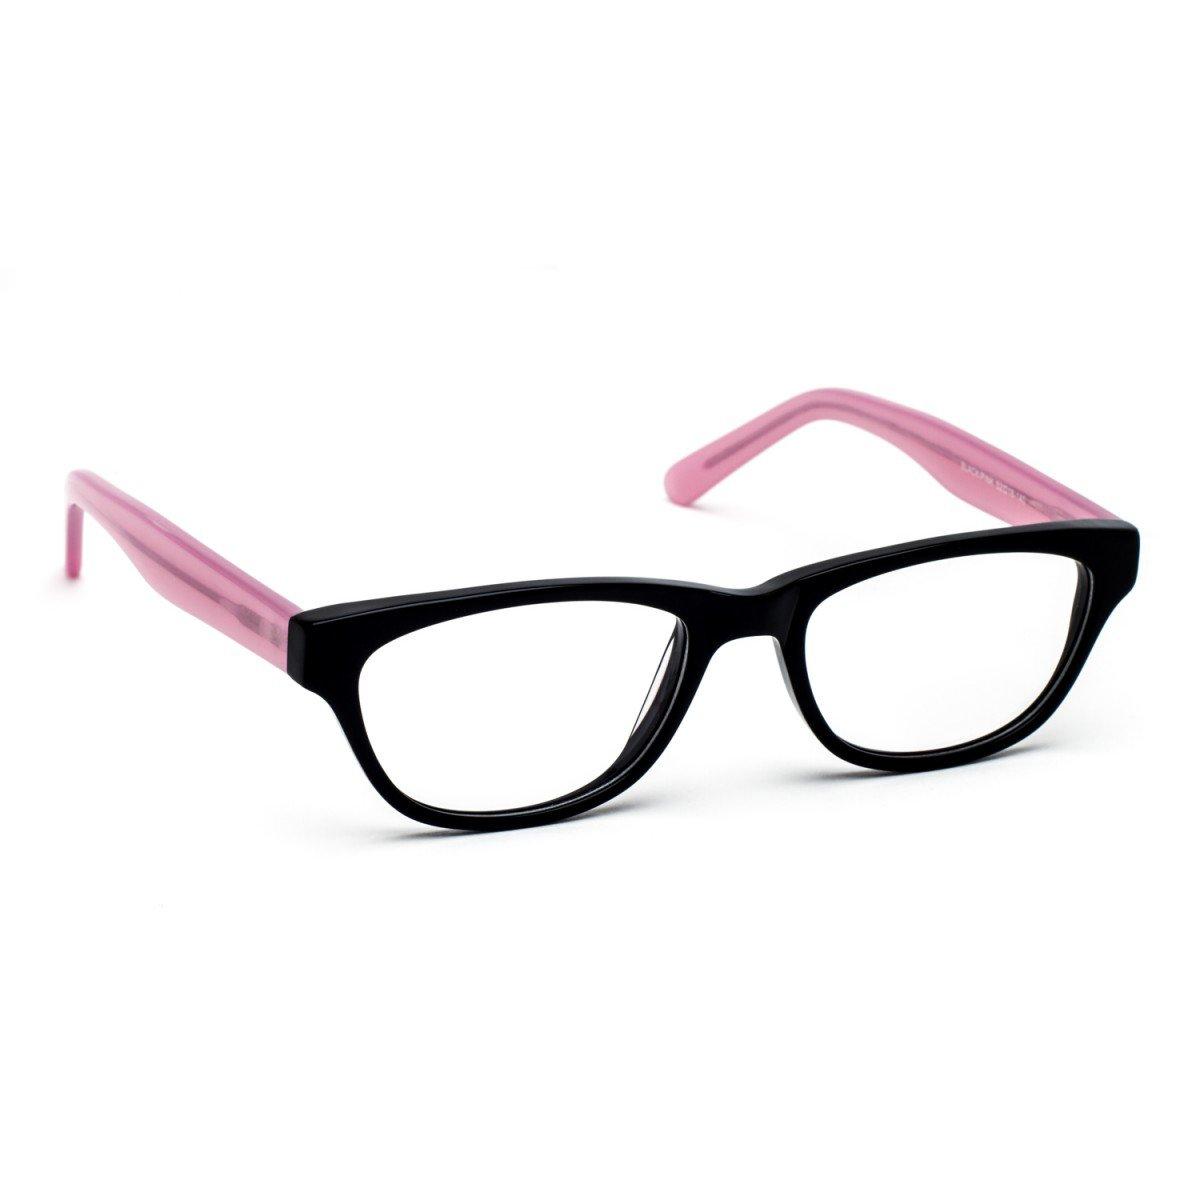 Pink And Black Glasses Frames